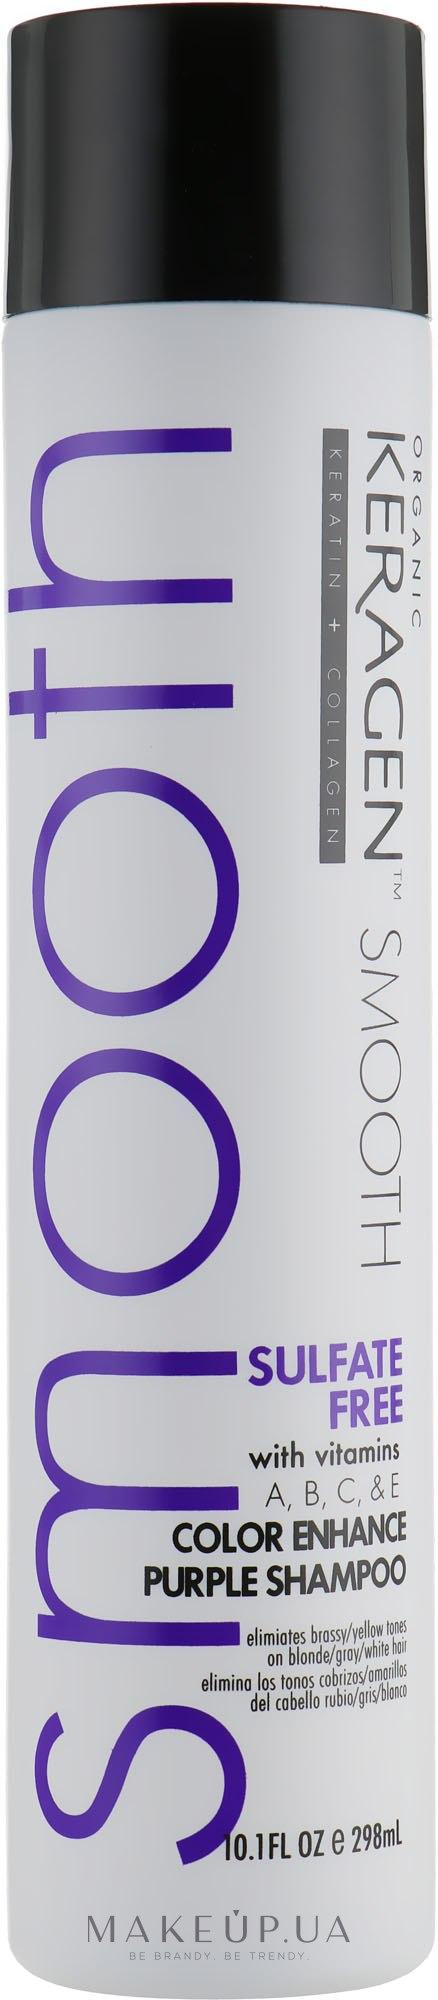 Шампунь для светлых и окрашенных волос - Organic Keragen Color Enhance Purple Shampoo — фото 298ml